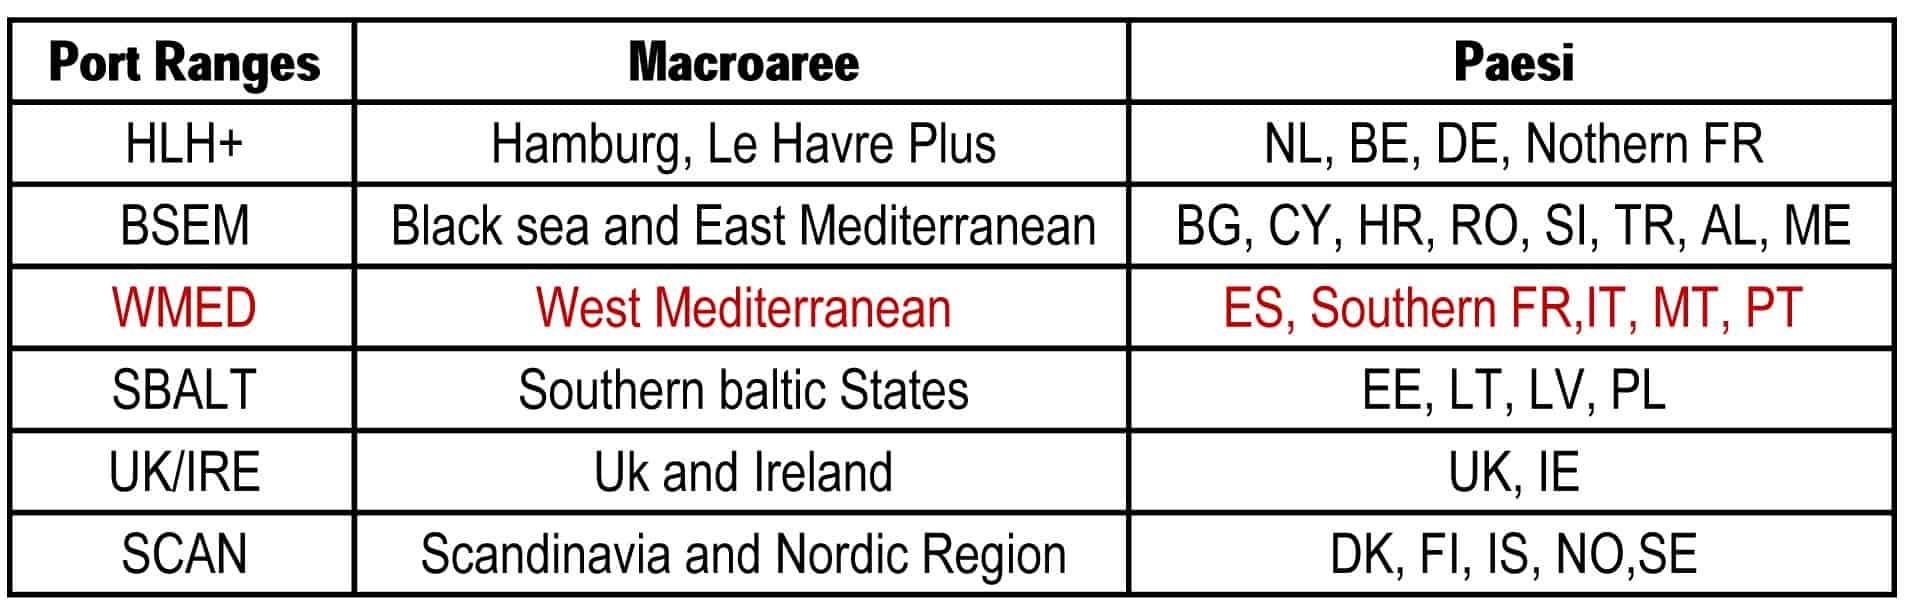 La classificazione dei Port Range nell'area di studio